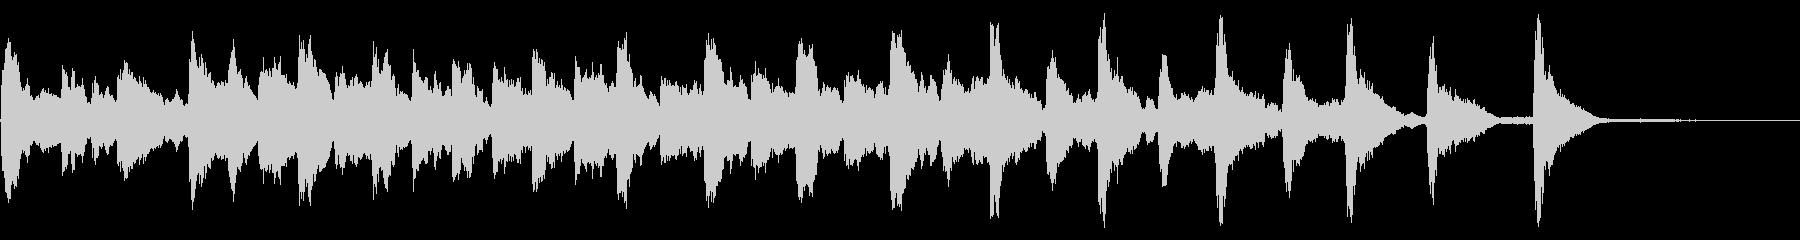 レプトンチャーチアベル:リンギングの未再生の波形